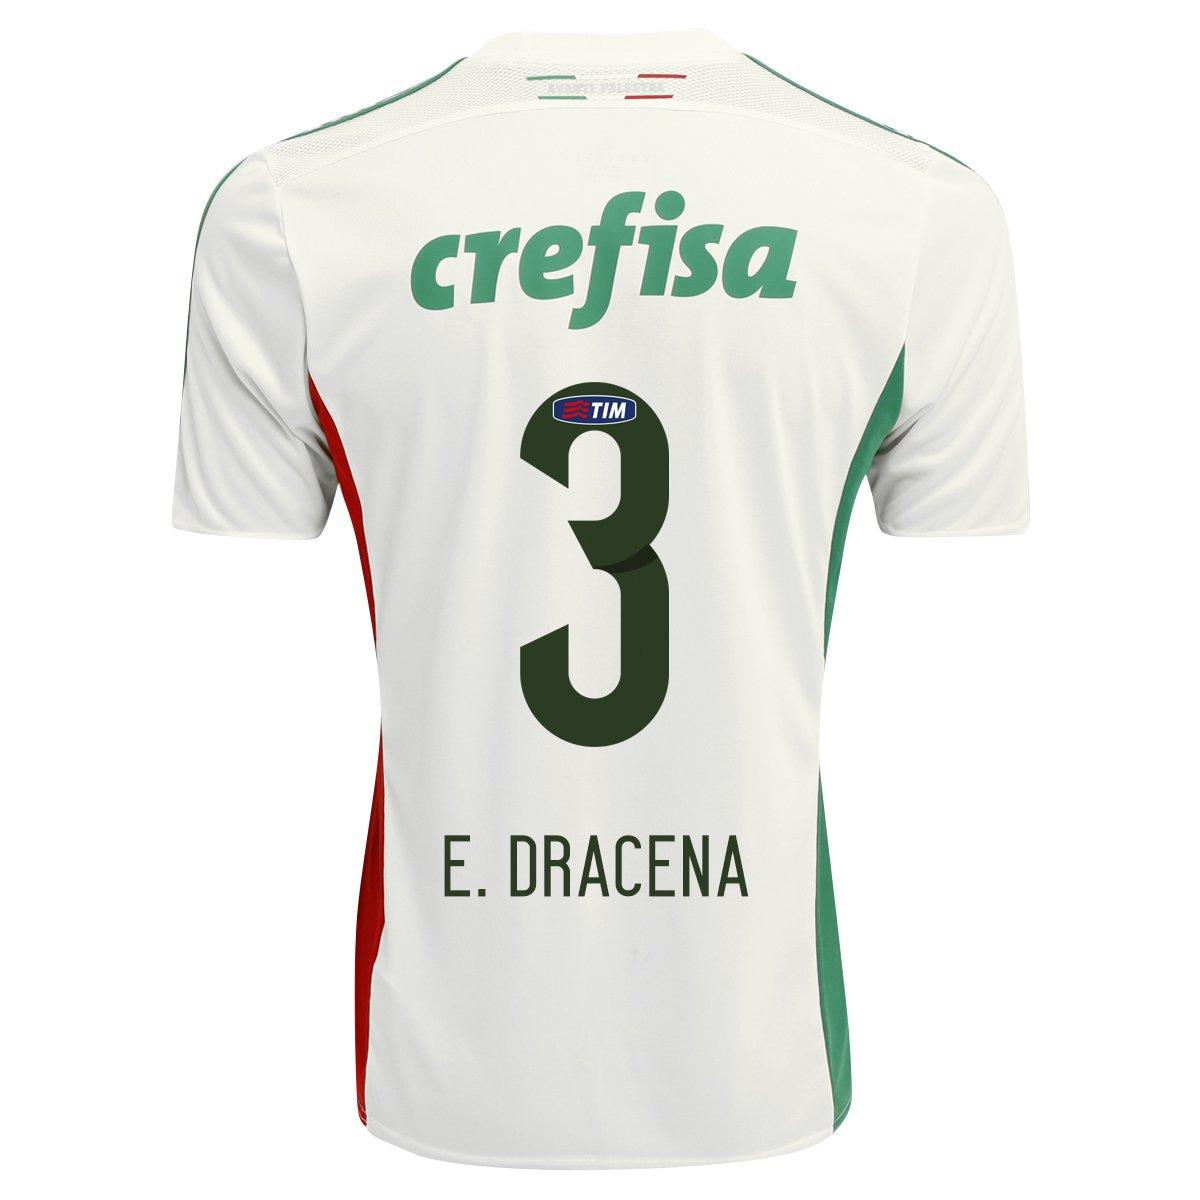 Camisa Adidas Palmeiras II 15 16 nº 3 - E. Dracena 007713f53ff12